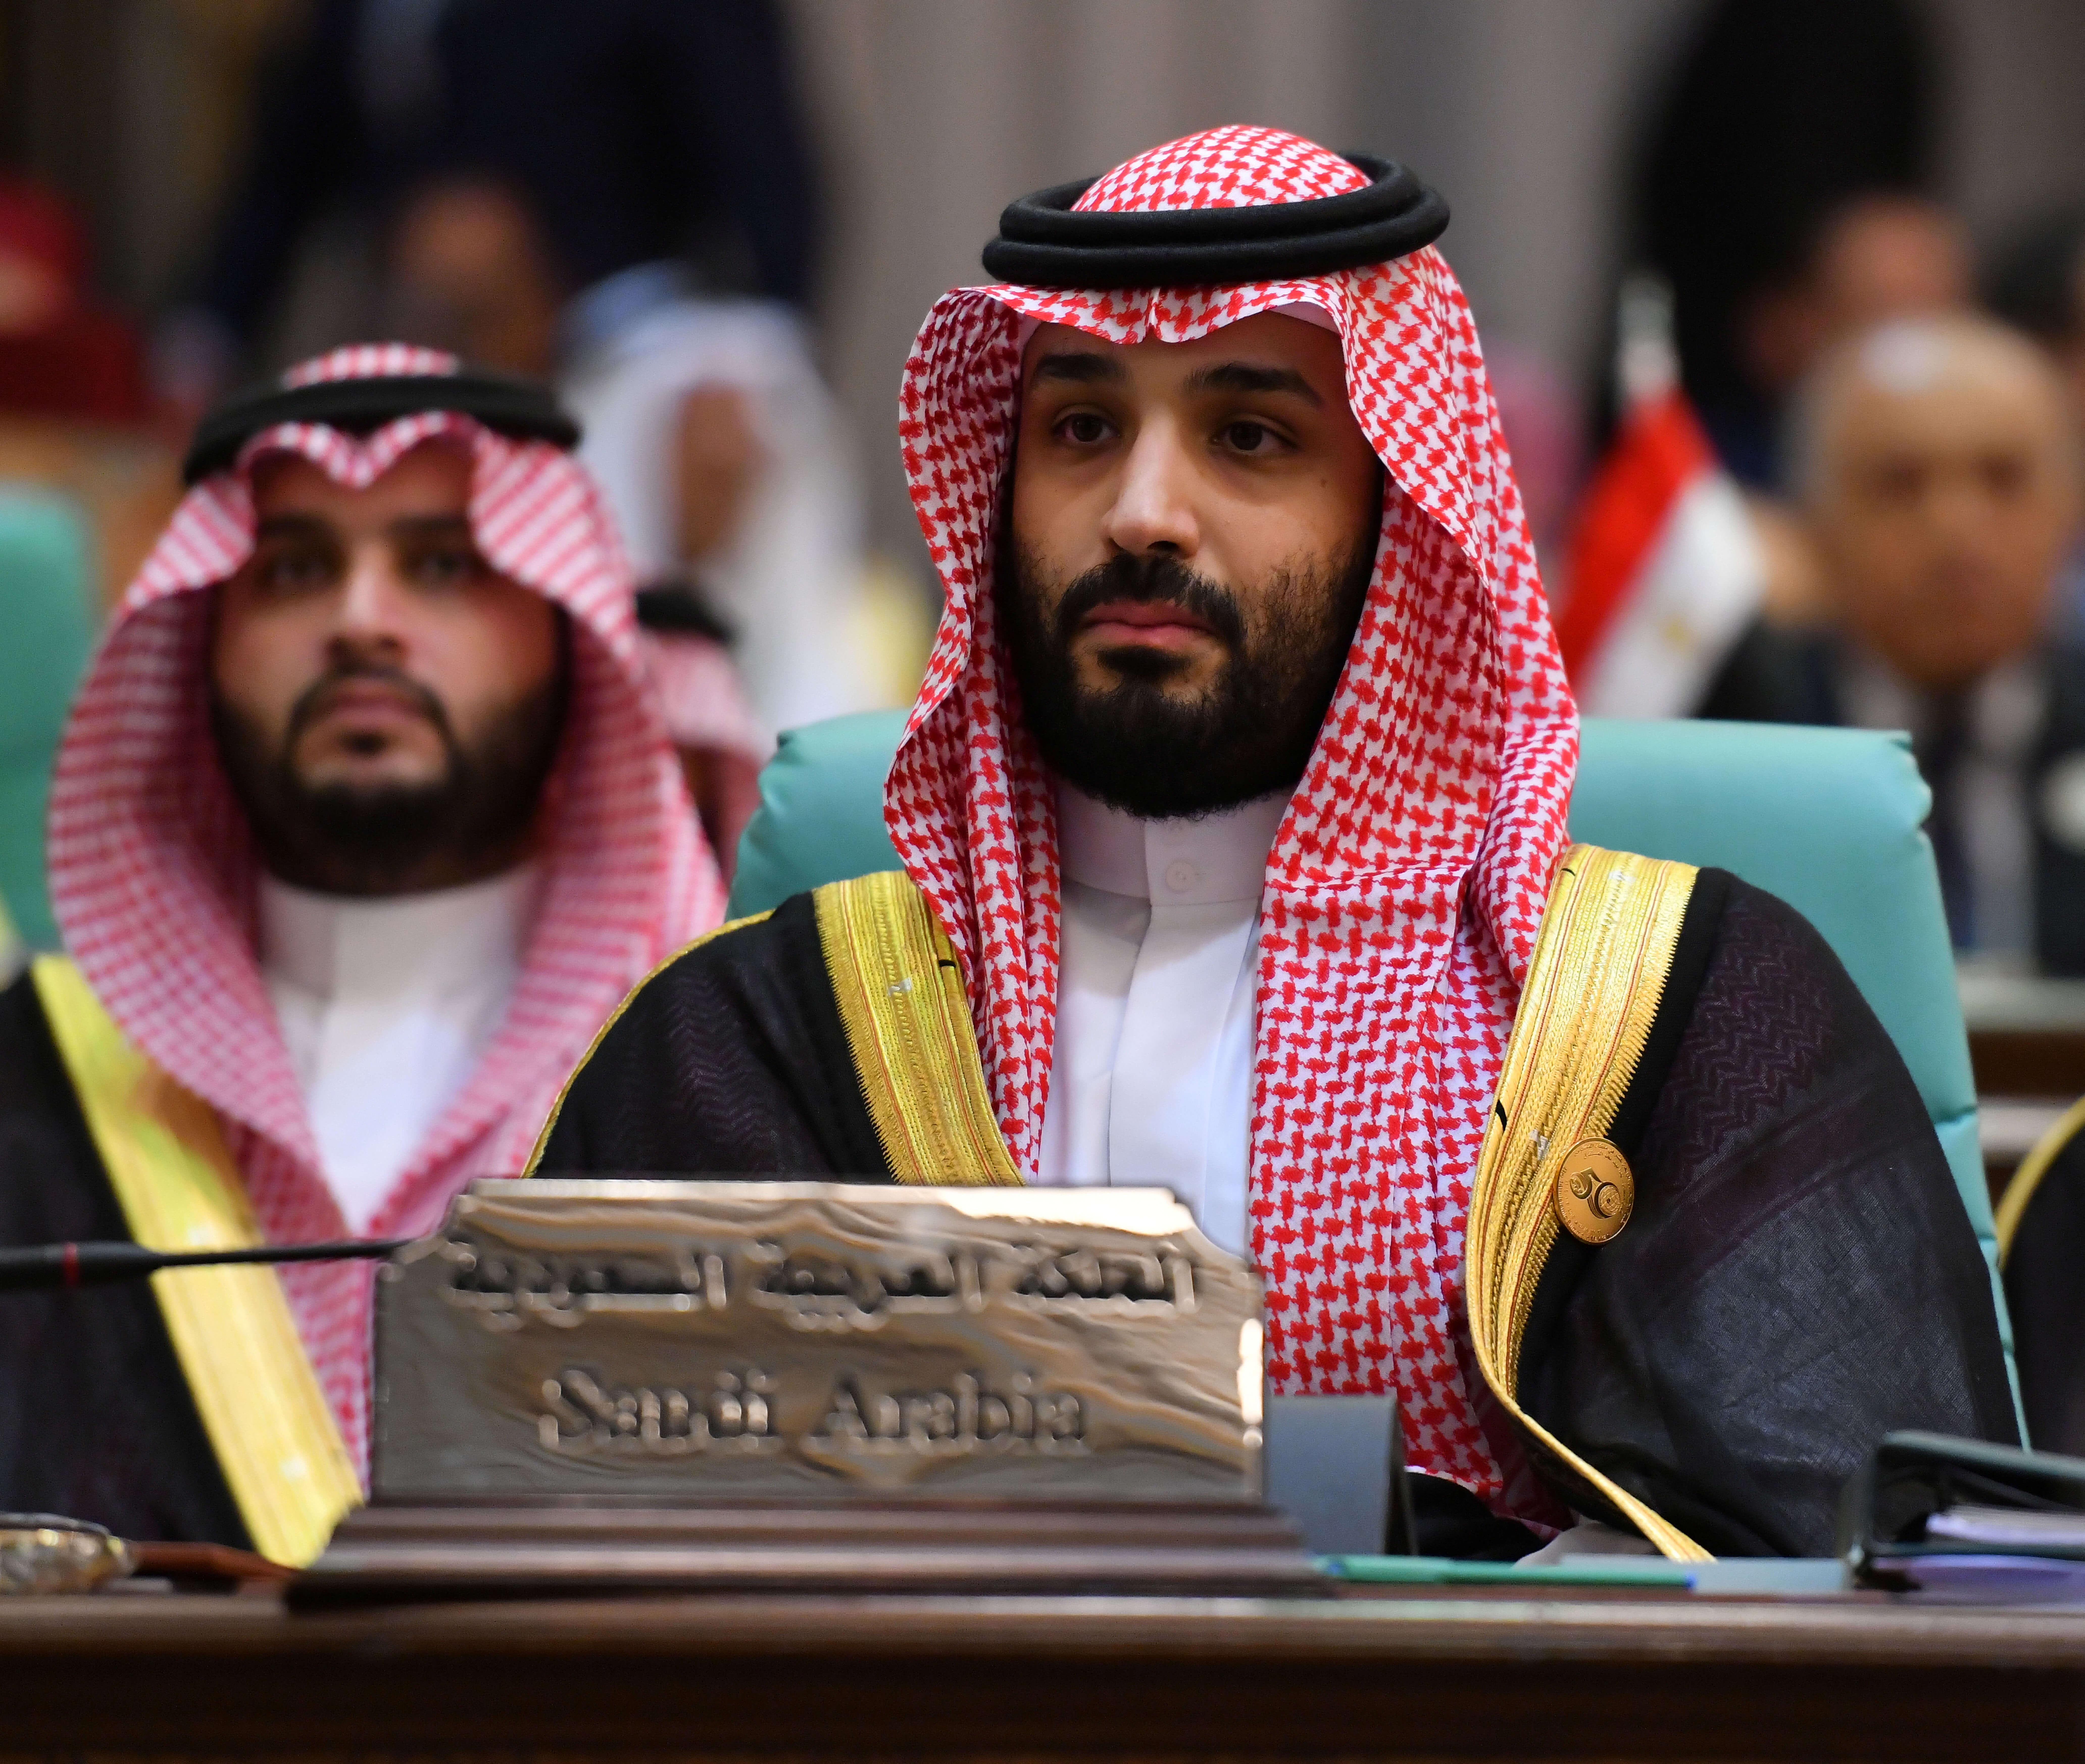 Σαουδική Αραβία - Πρίγκιπας